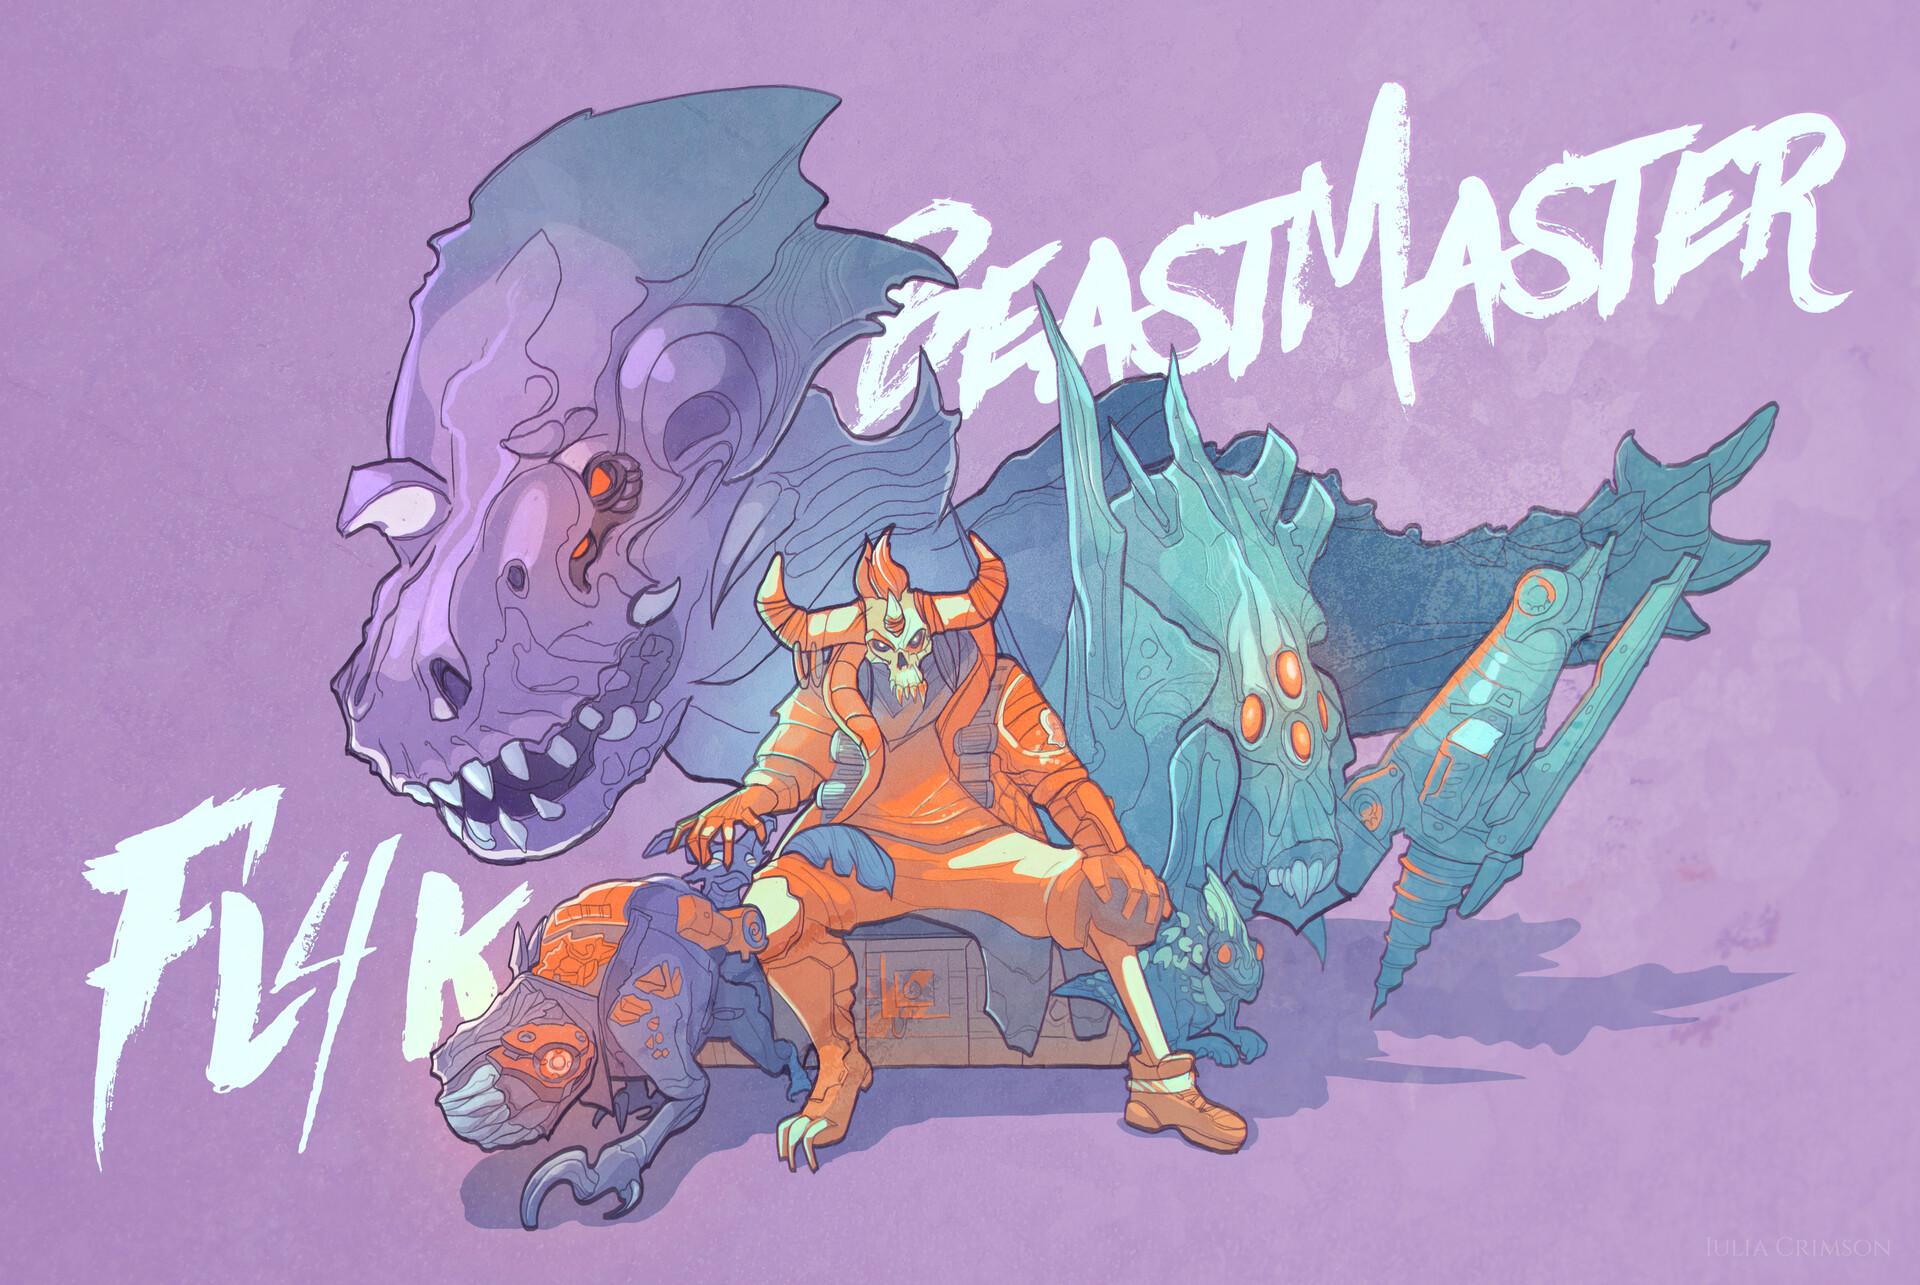 Robotic BeastMaster Fl4k